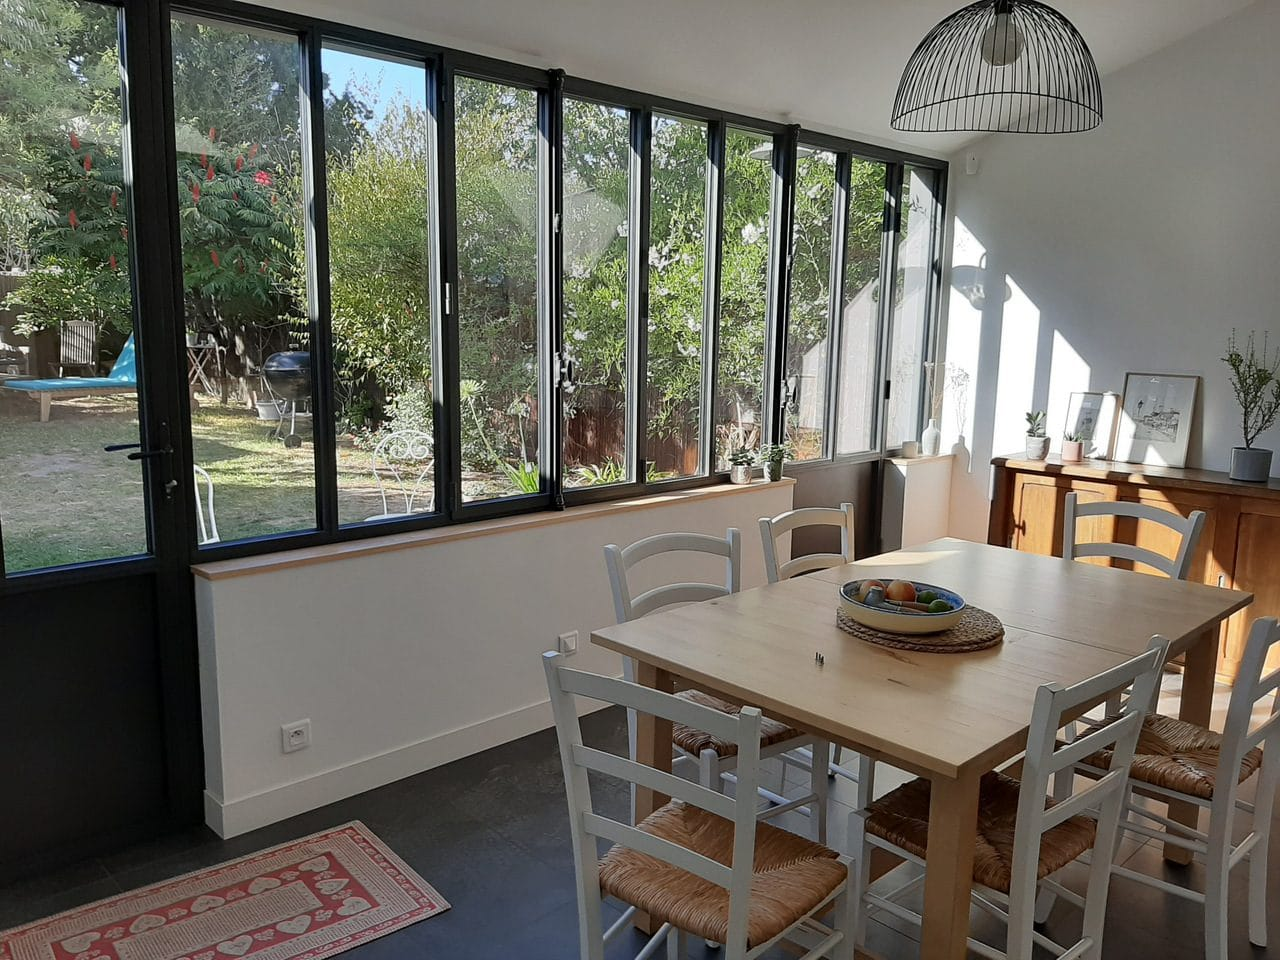 extension d'une maison à Nantes : salle à manger avec vue sur jardin